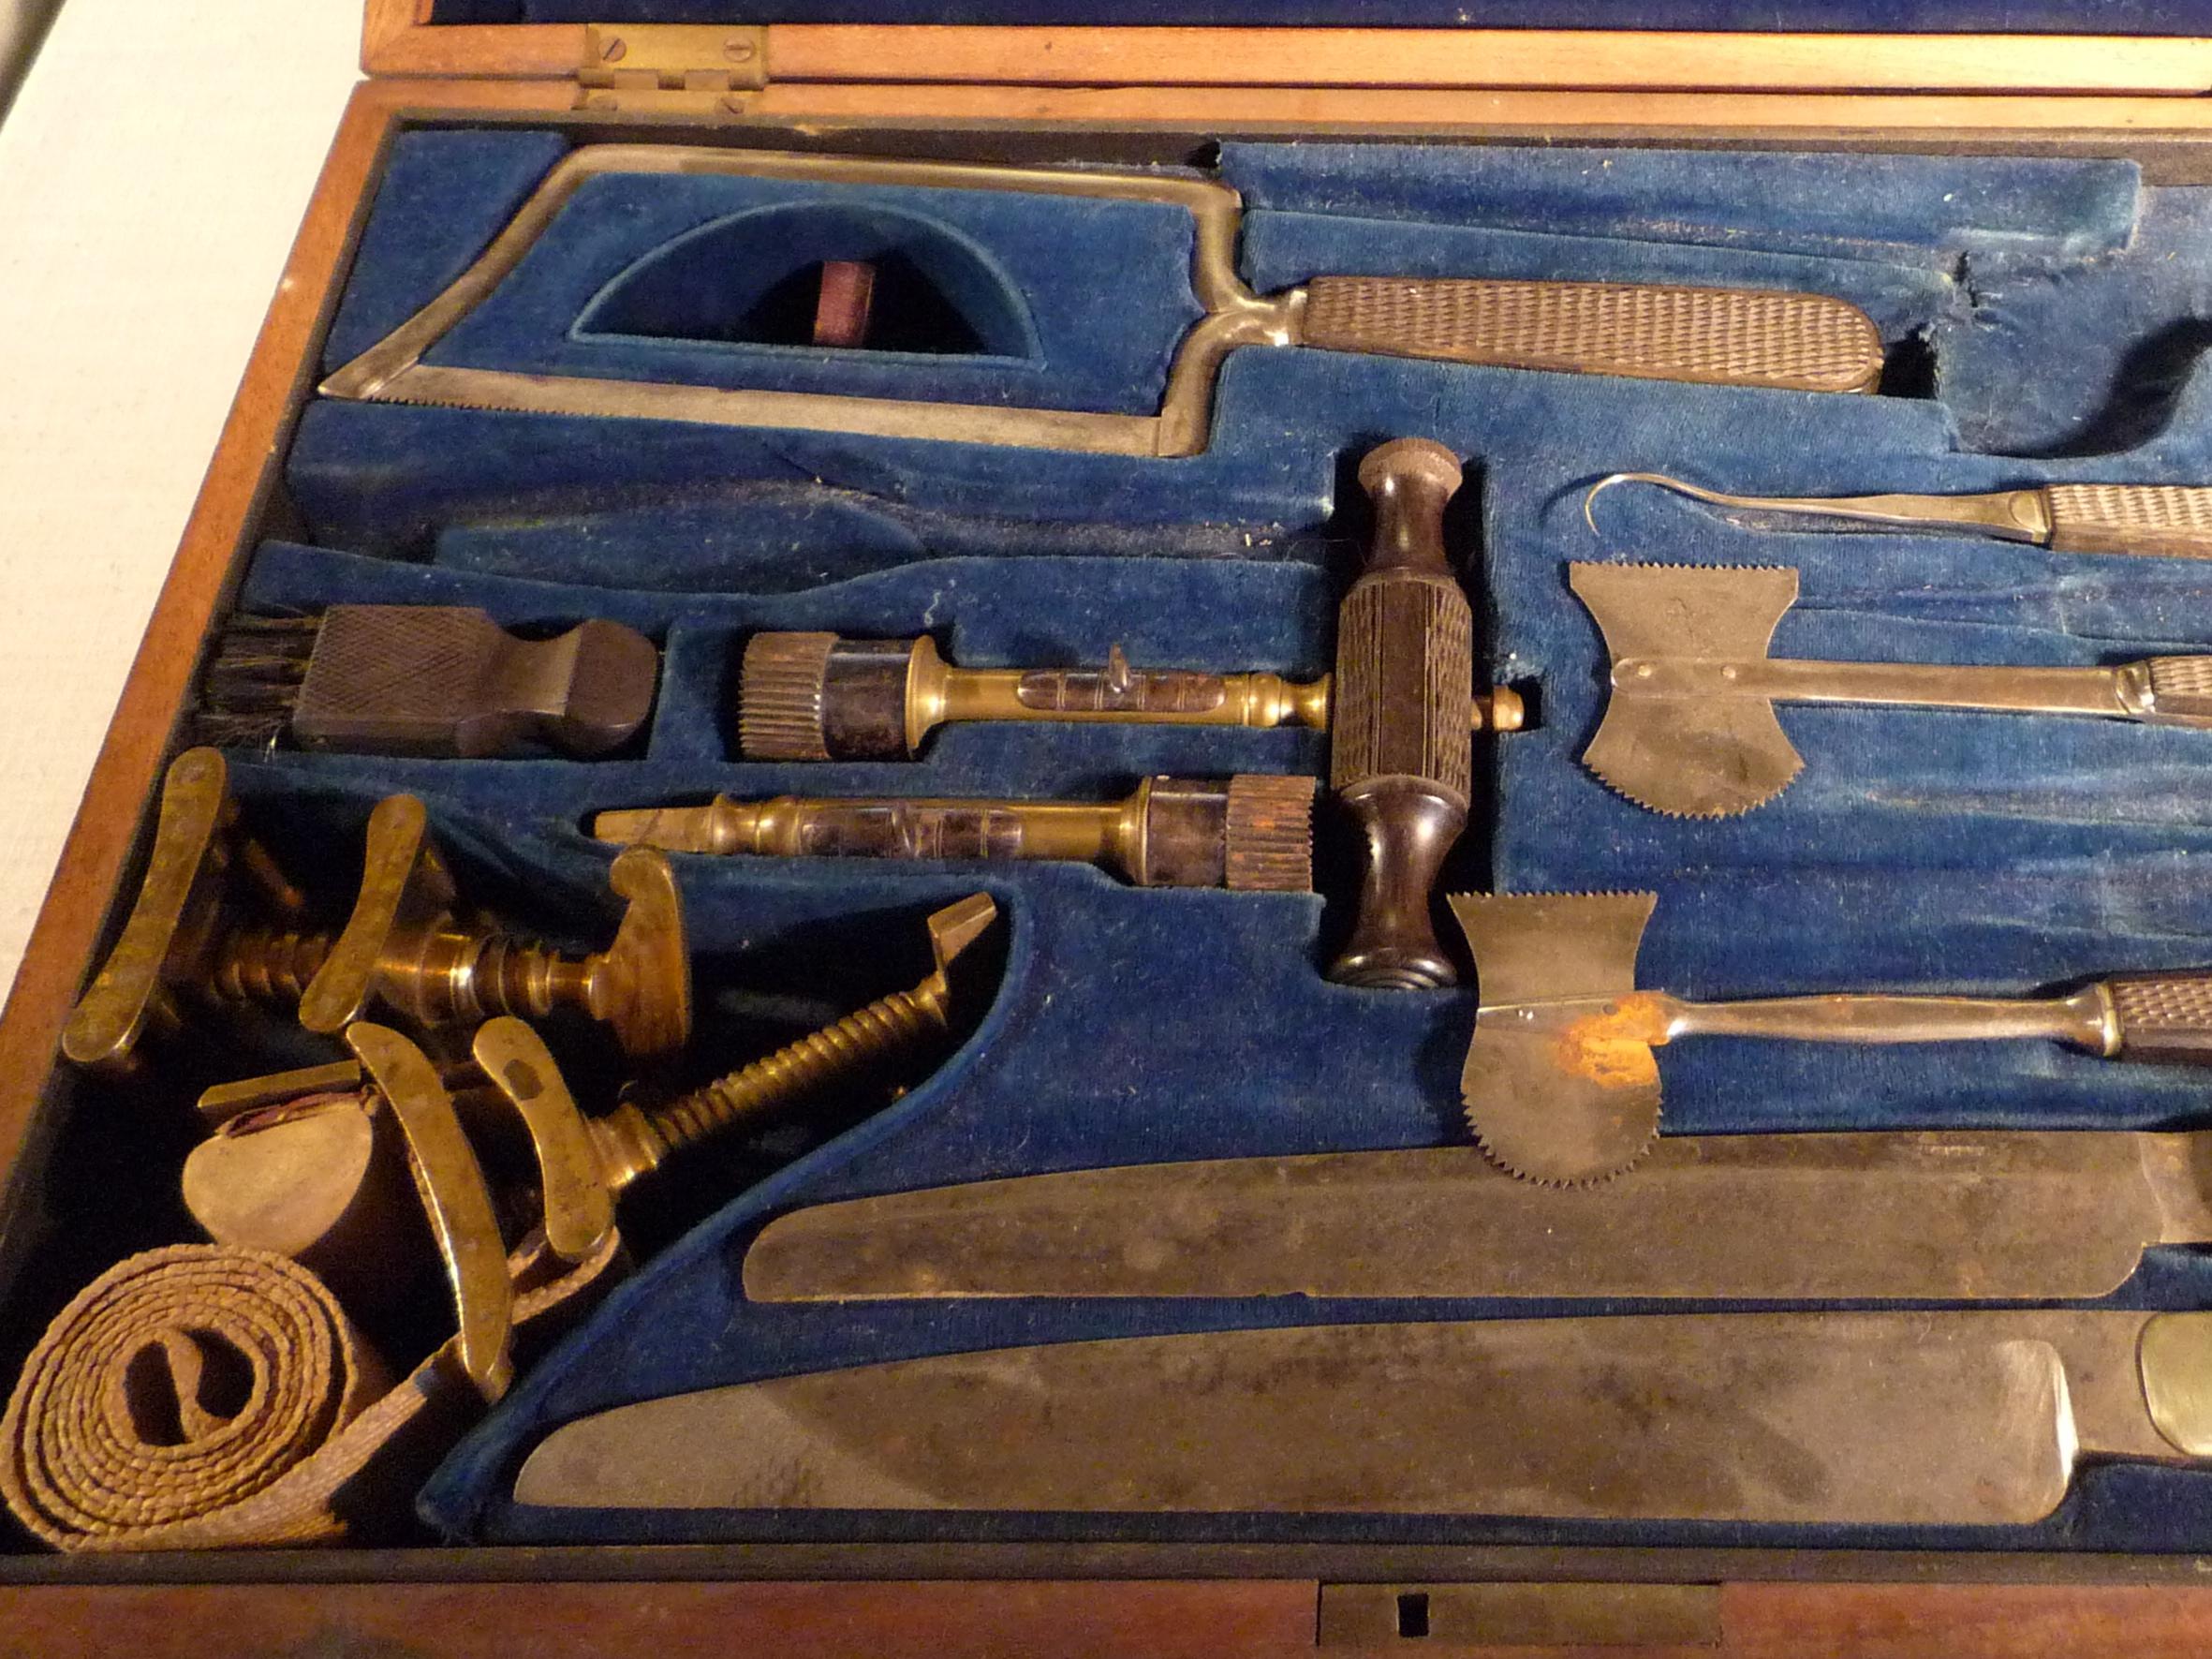 detail of surgical kit (J.H. Gemrig, 1840-1880)